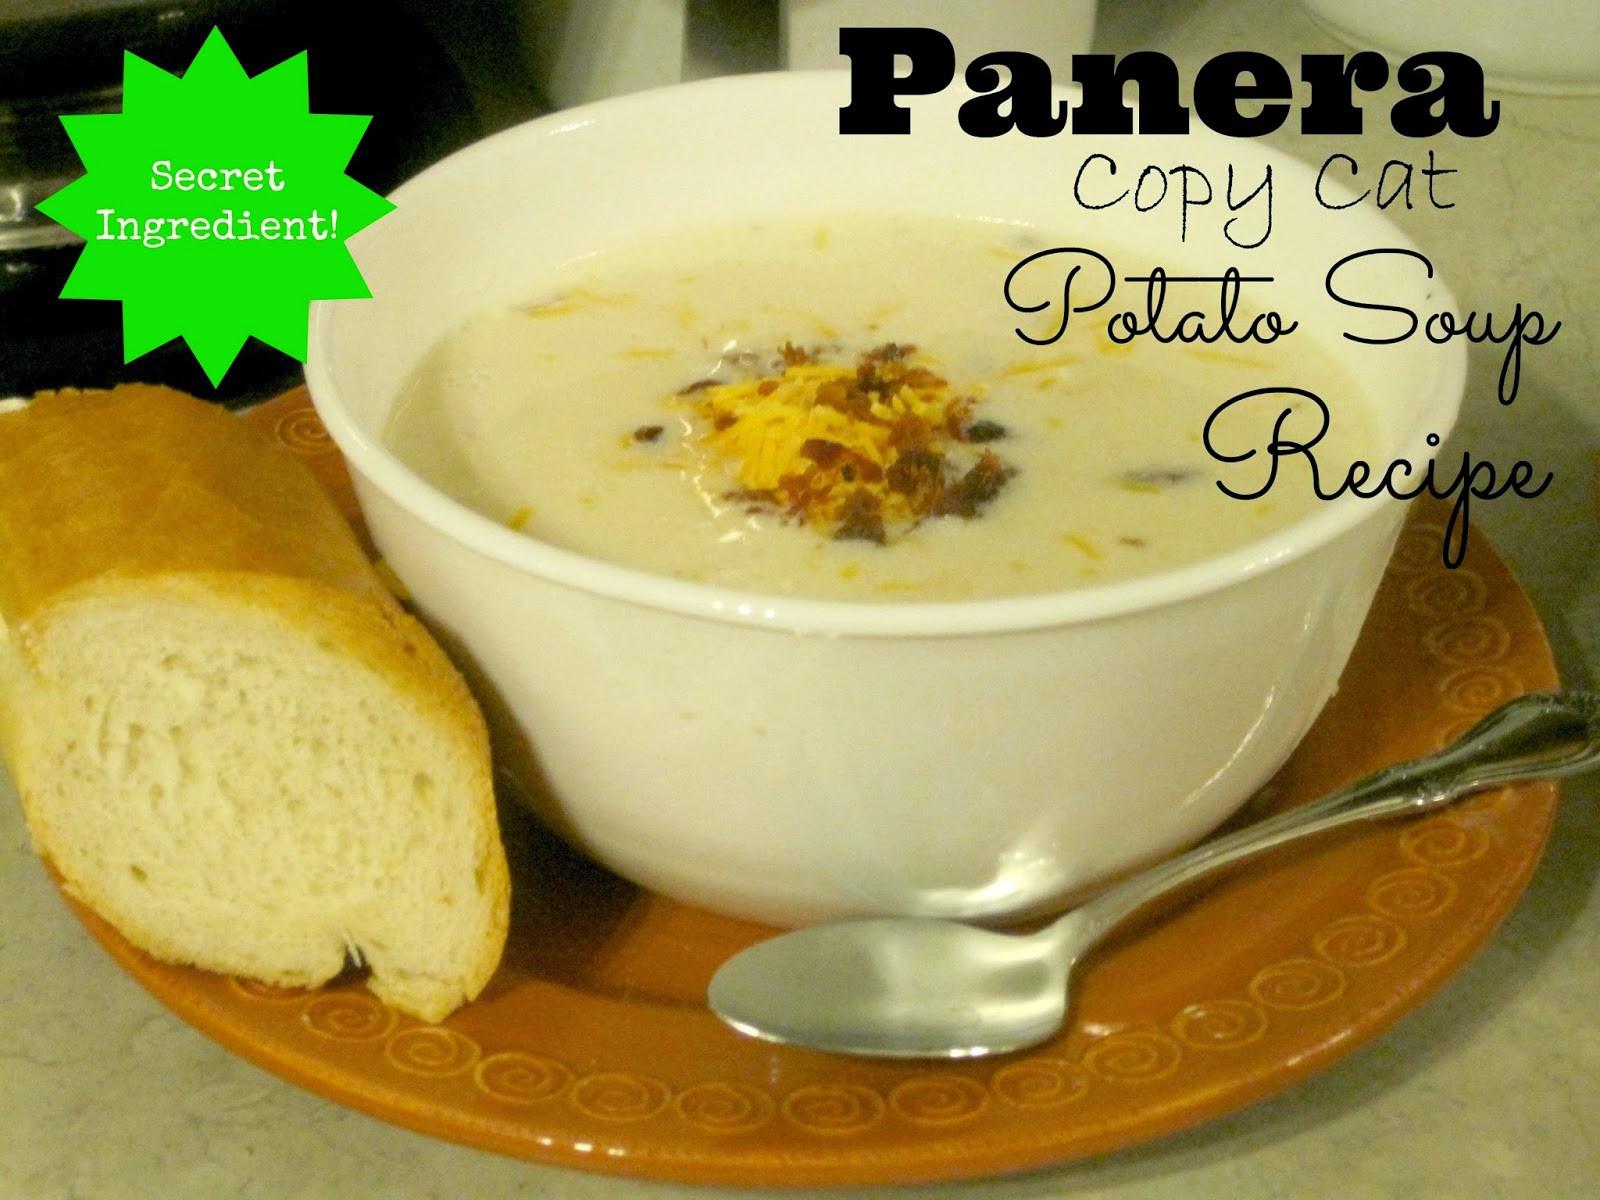 Baked Potato Soup Recipe  Decorated Chaos Potato Soup Recipe Panera Copy Cat